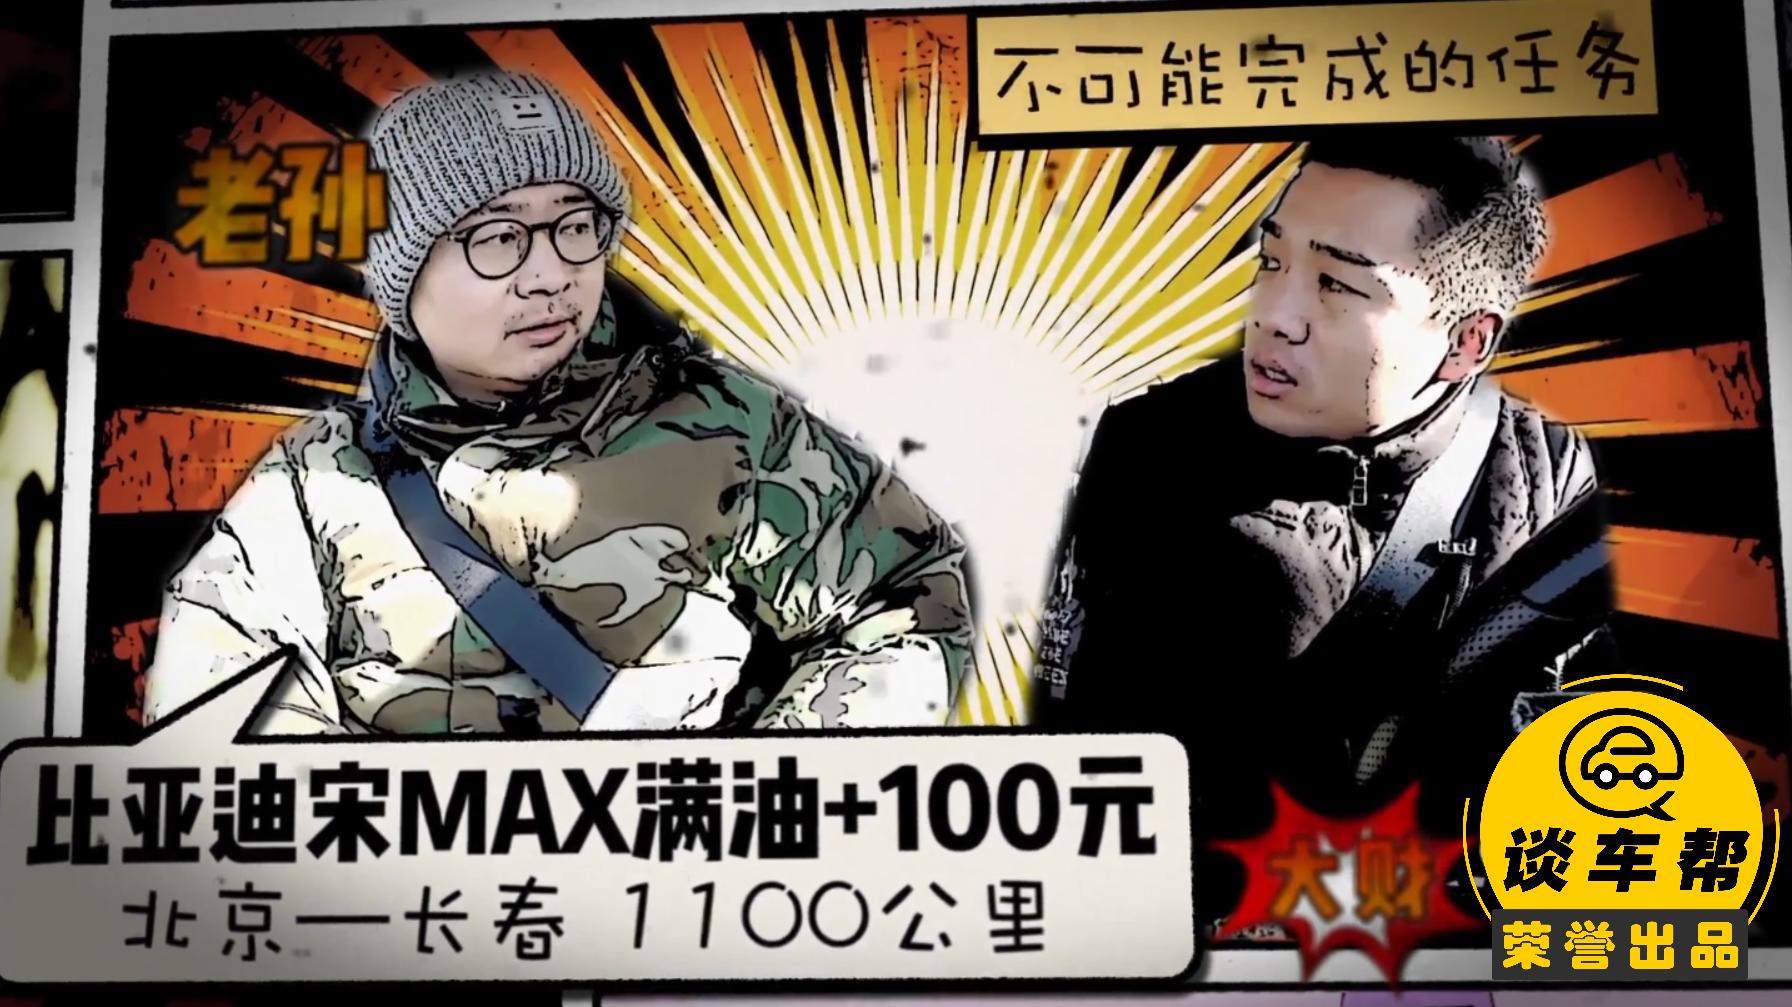 【谈车帮游记】比亚迪宋MAX+100元,极限挑战1100公里